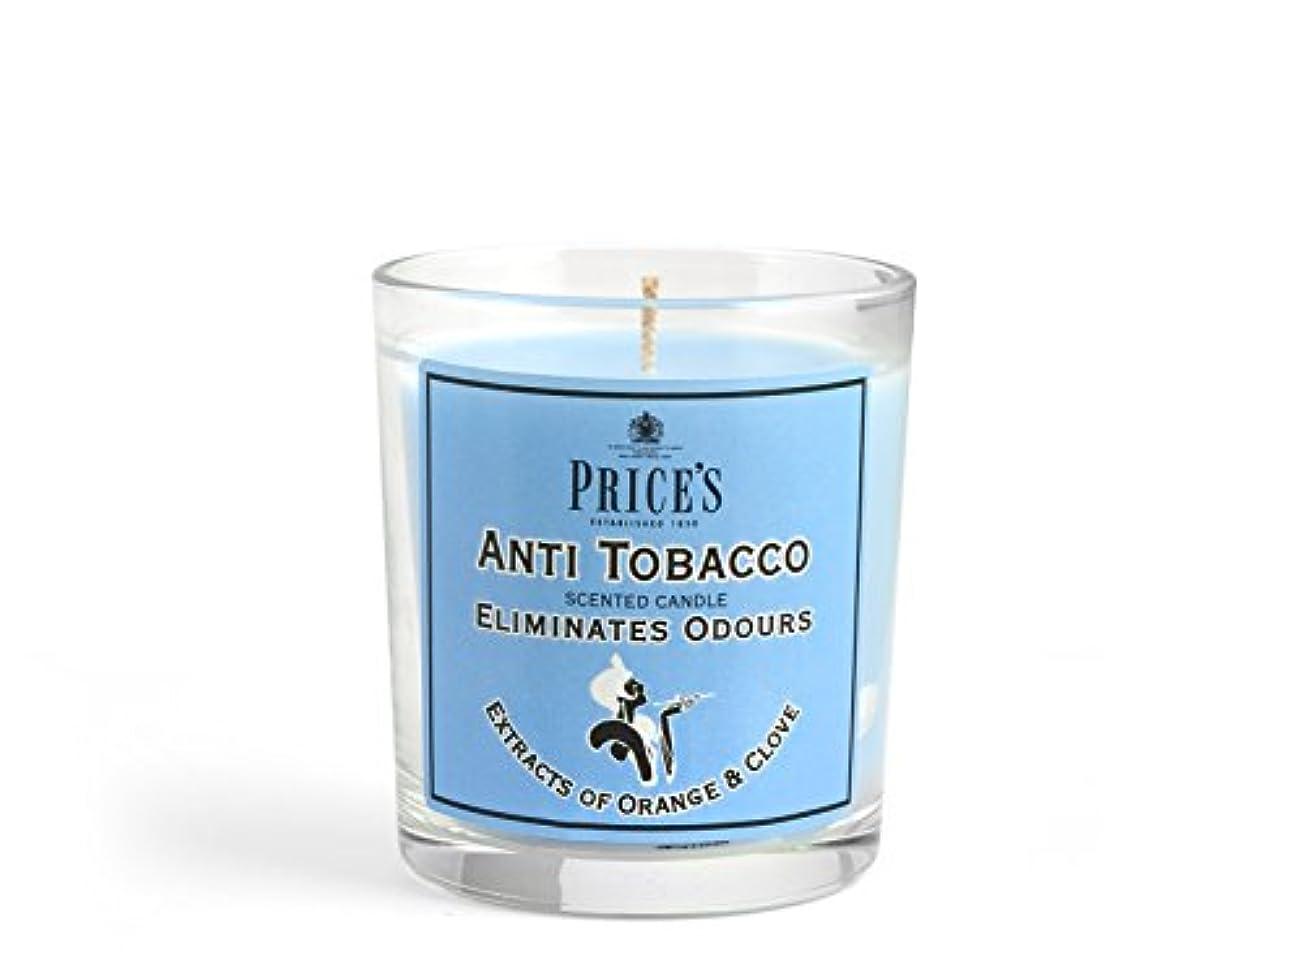 堂々たる踏みつけ環境に優しいPrice′s(プライシズ) Fresh Air CANDLE TIN Jar type (フレッシュエアー キャンドル ジャータイプ) ANTI TABACCO (アンチタバコ)